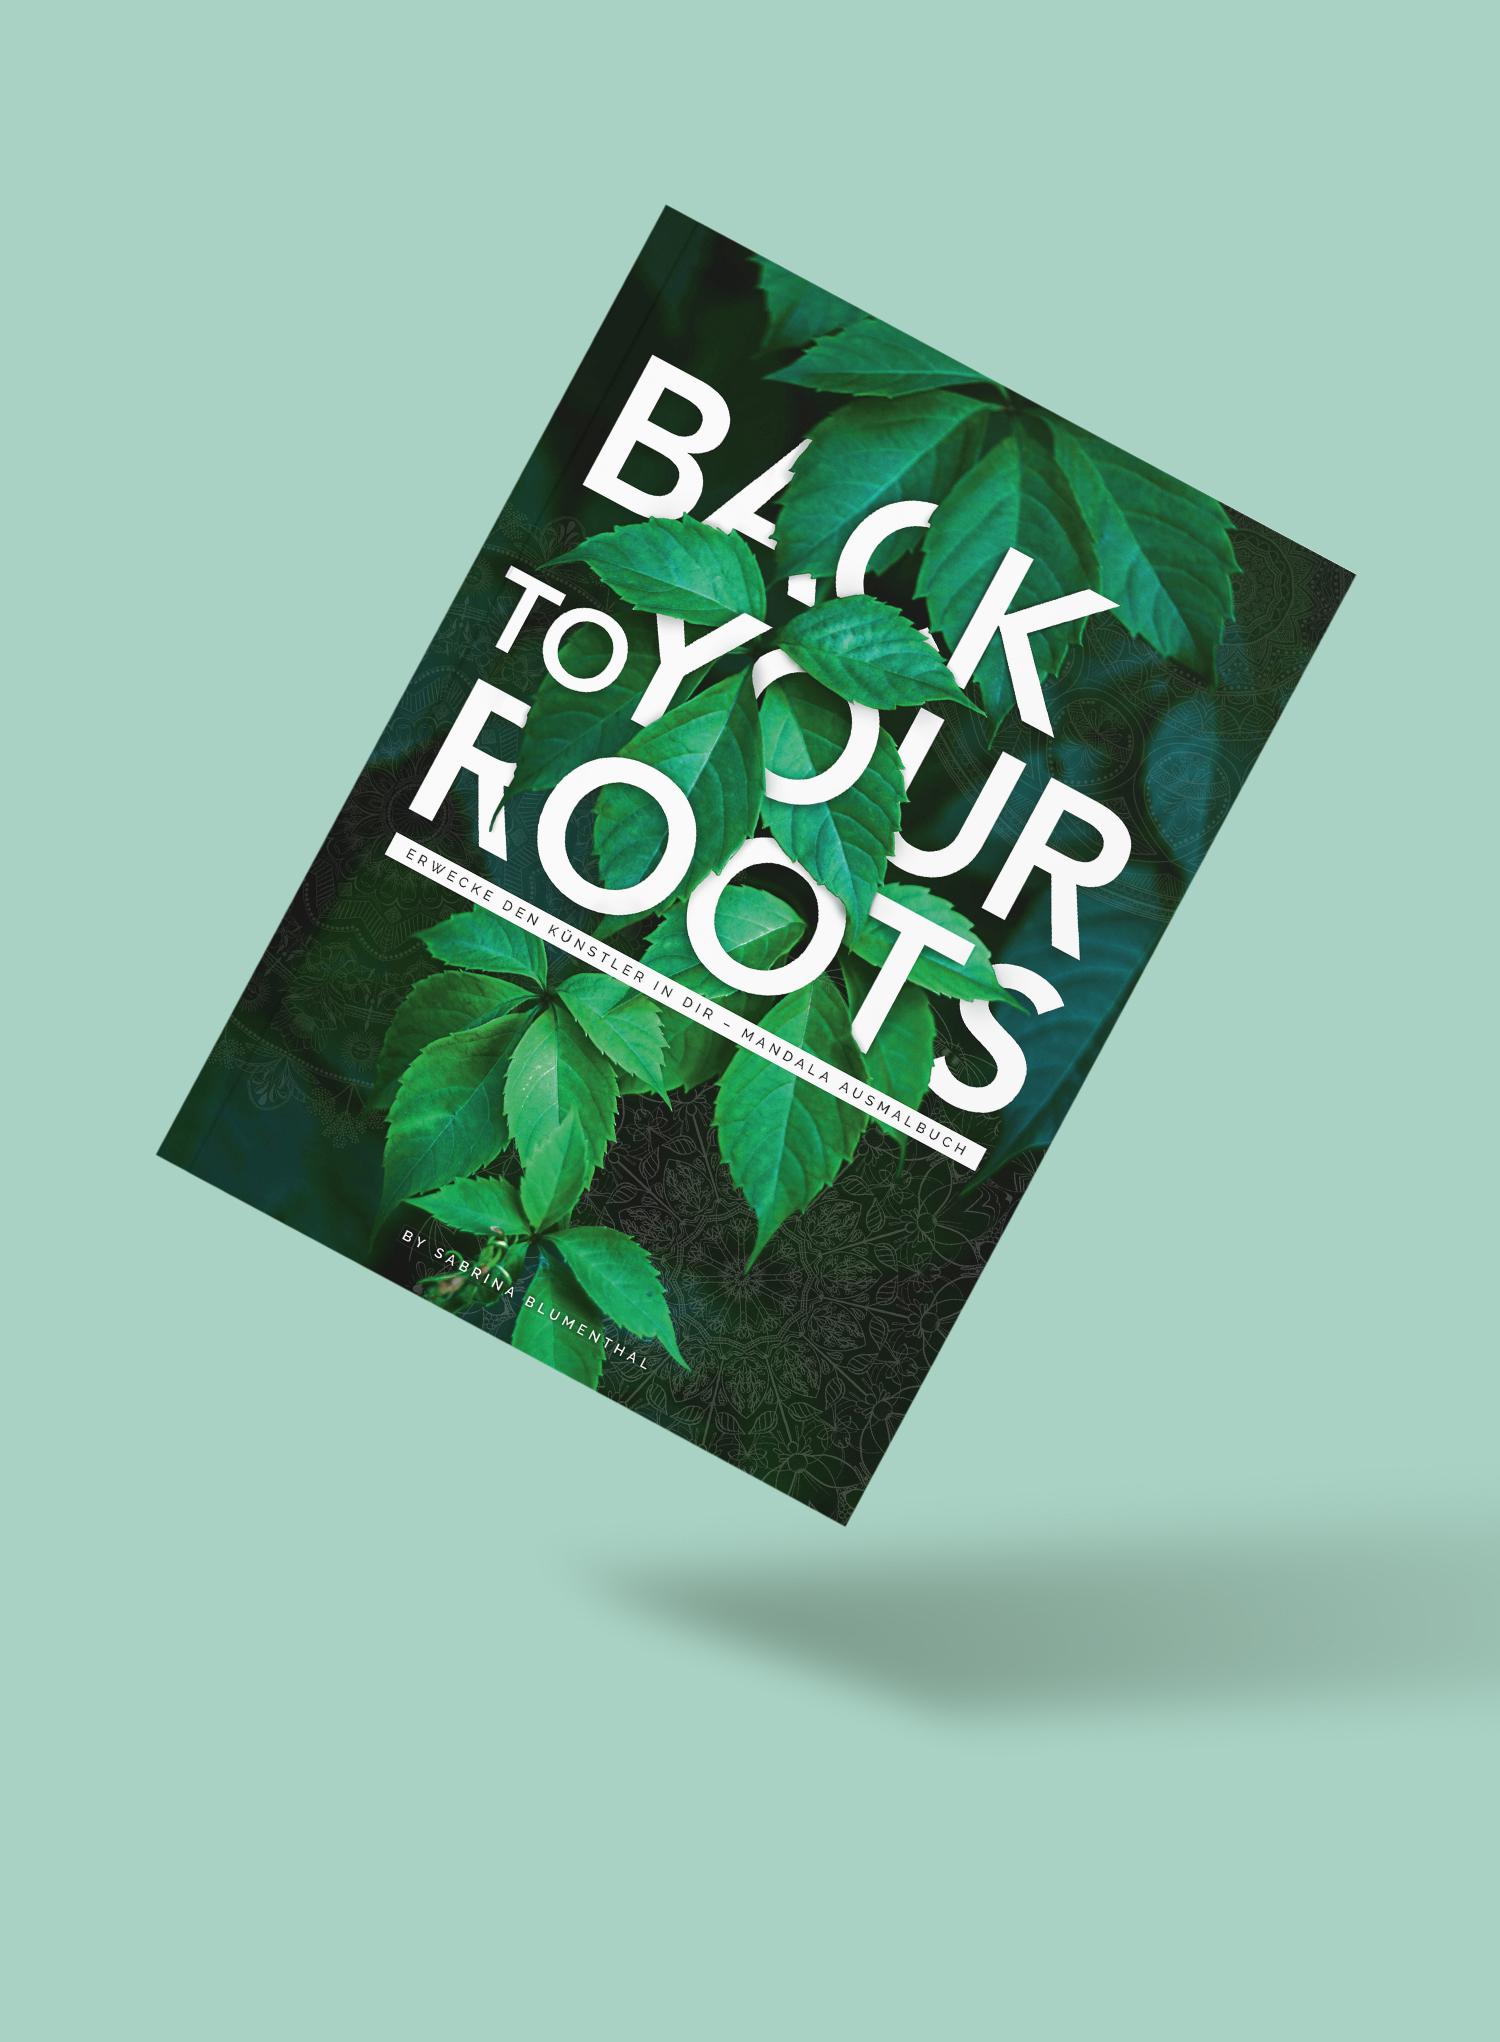 Covergestaltung eines Mandala Ausmalbuches mit dem Titel Back to the roots